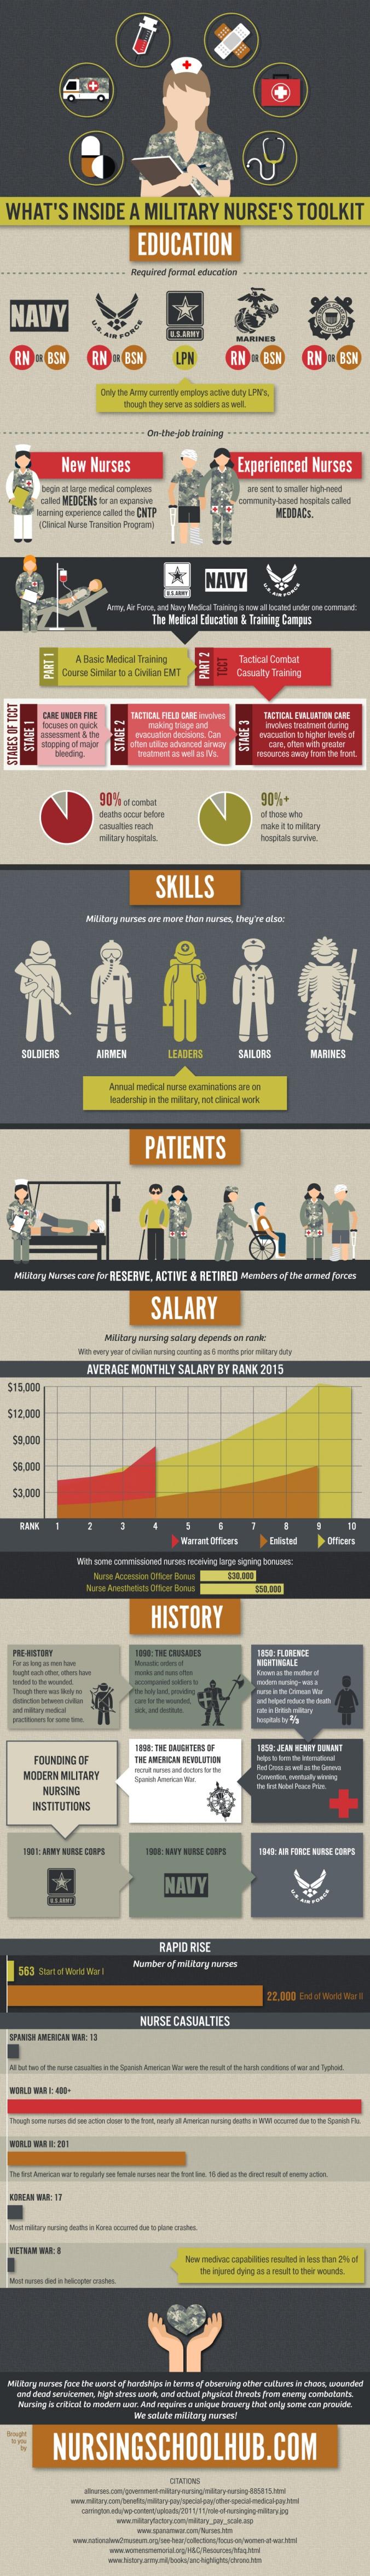 Military-Nurses